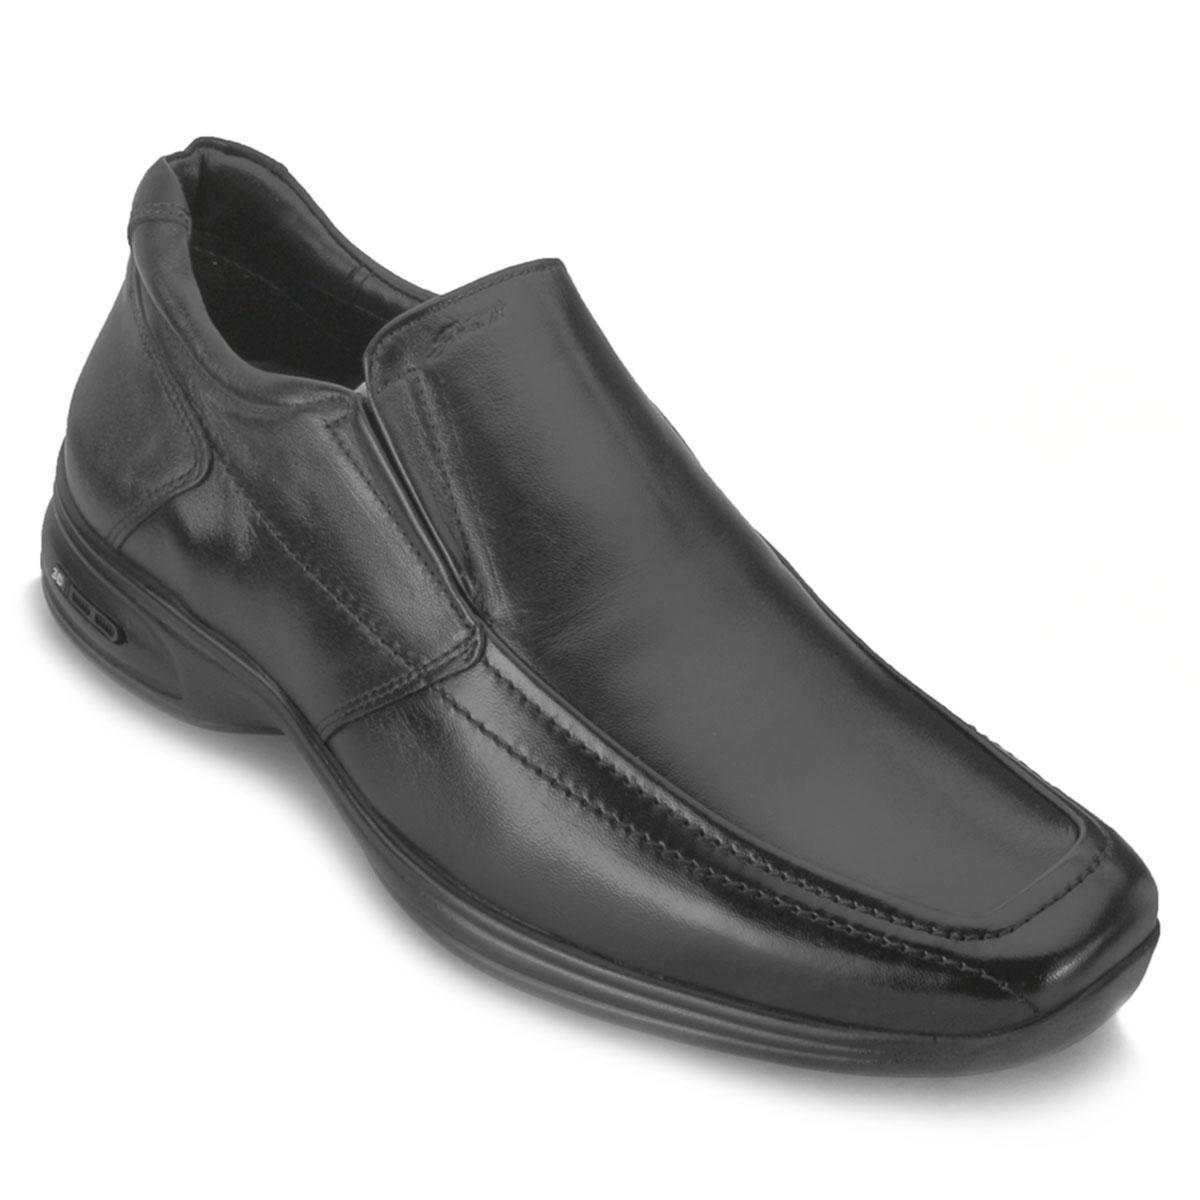 0bf035a3e Sapato Jota Pe 3d Masculino 30002 - R$ 169,99 em Mercado Livre